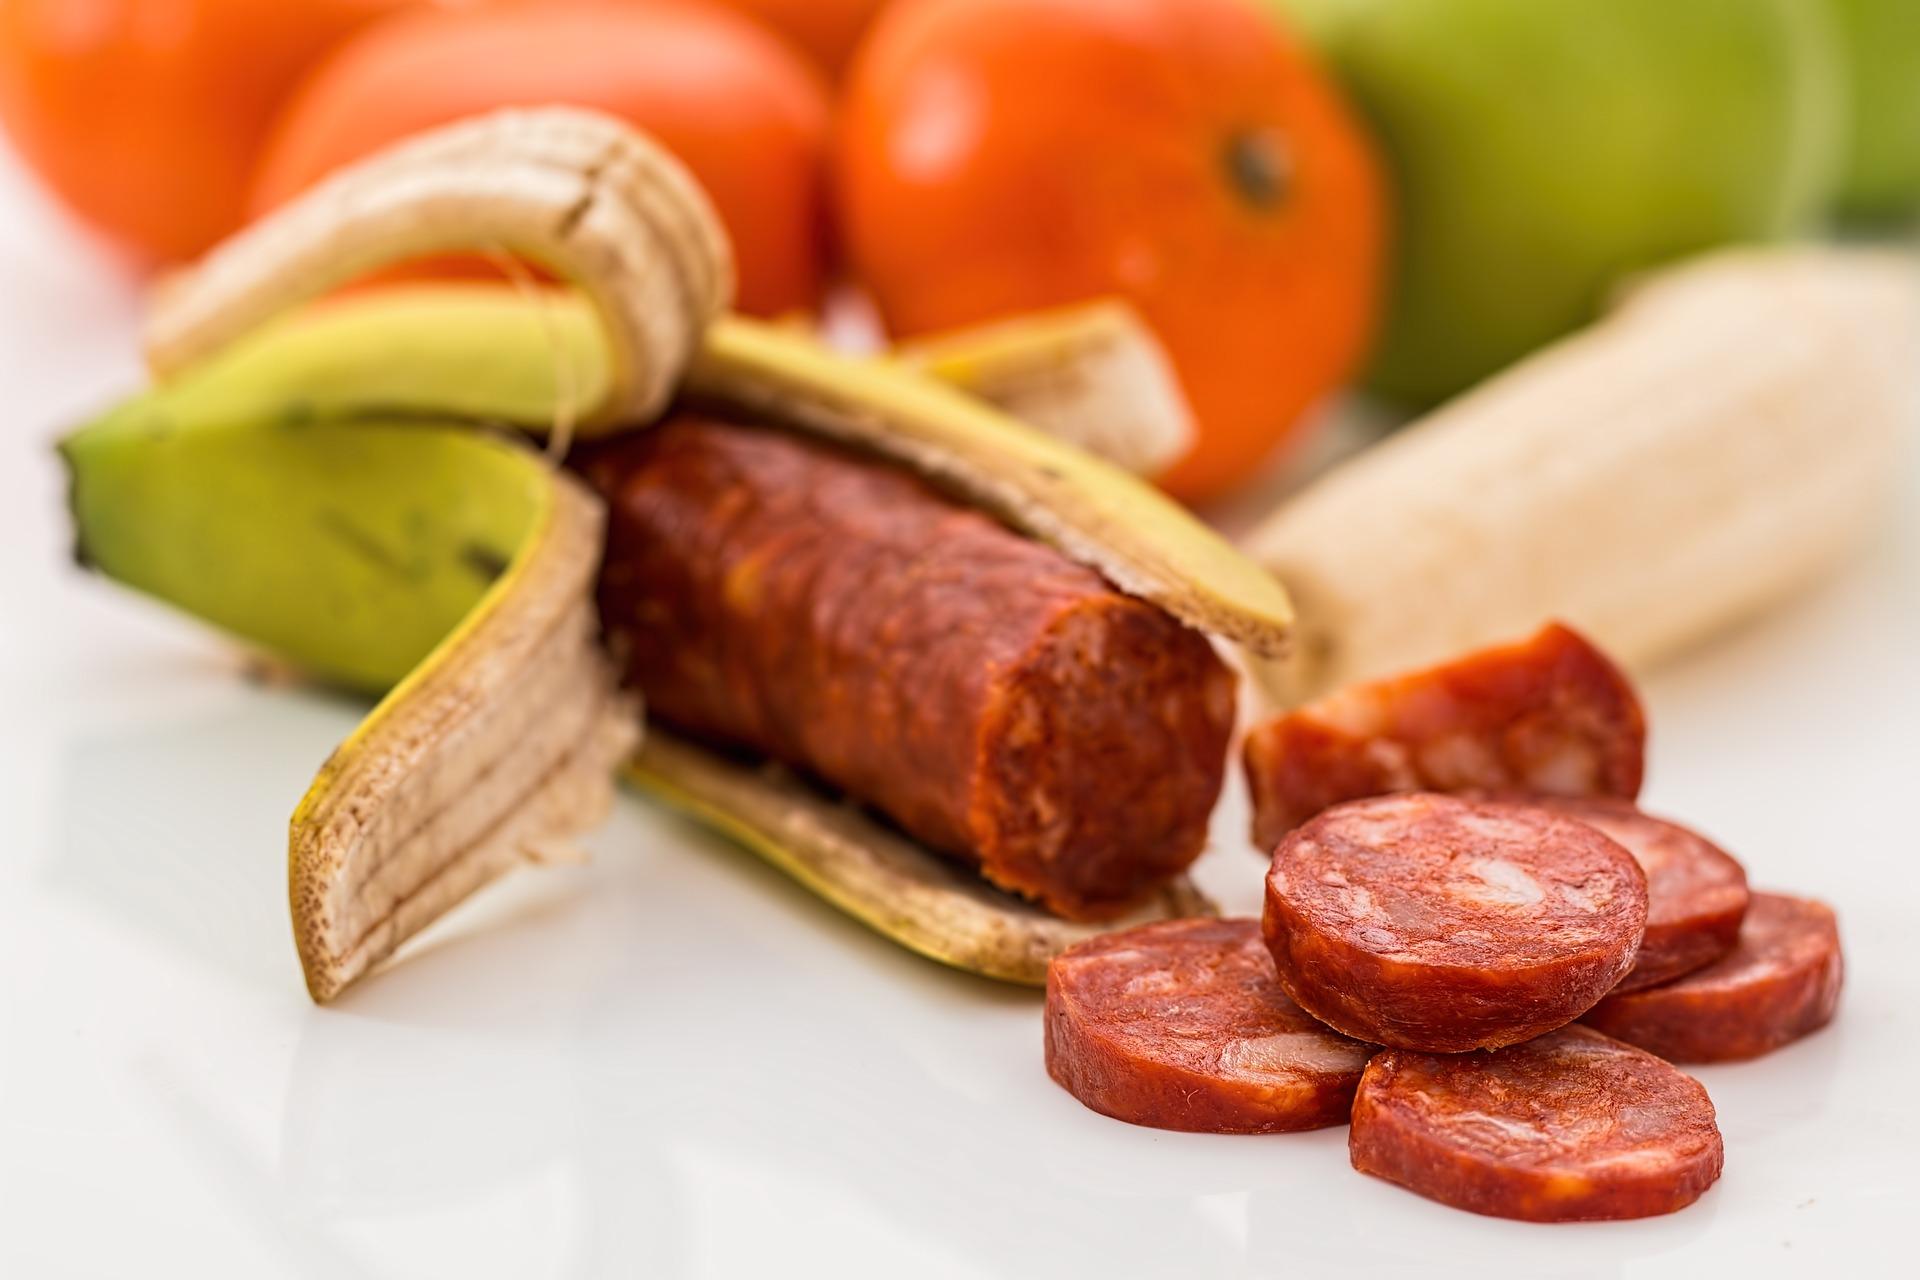 gm-food-1668167_1920.jpg